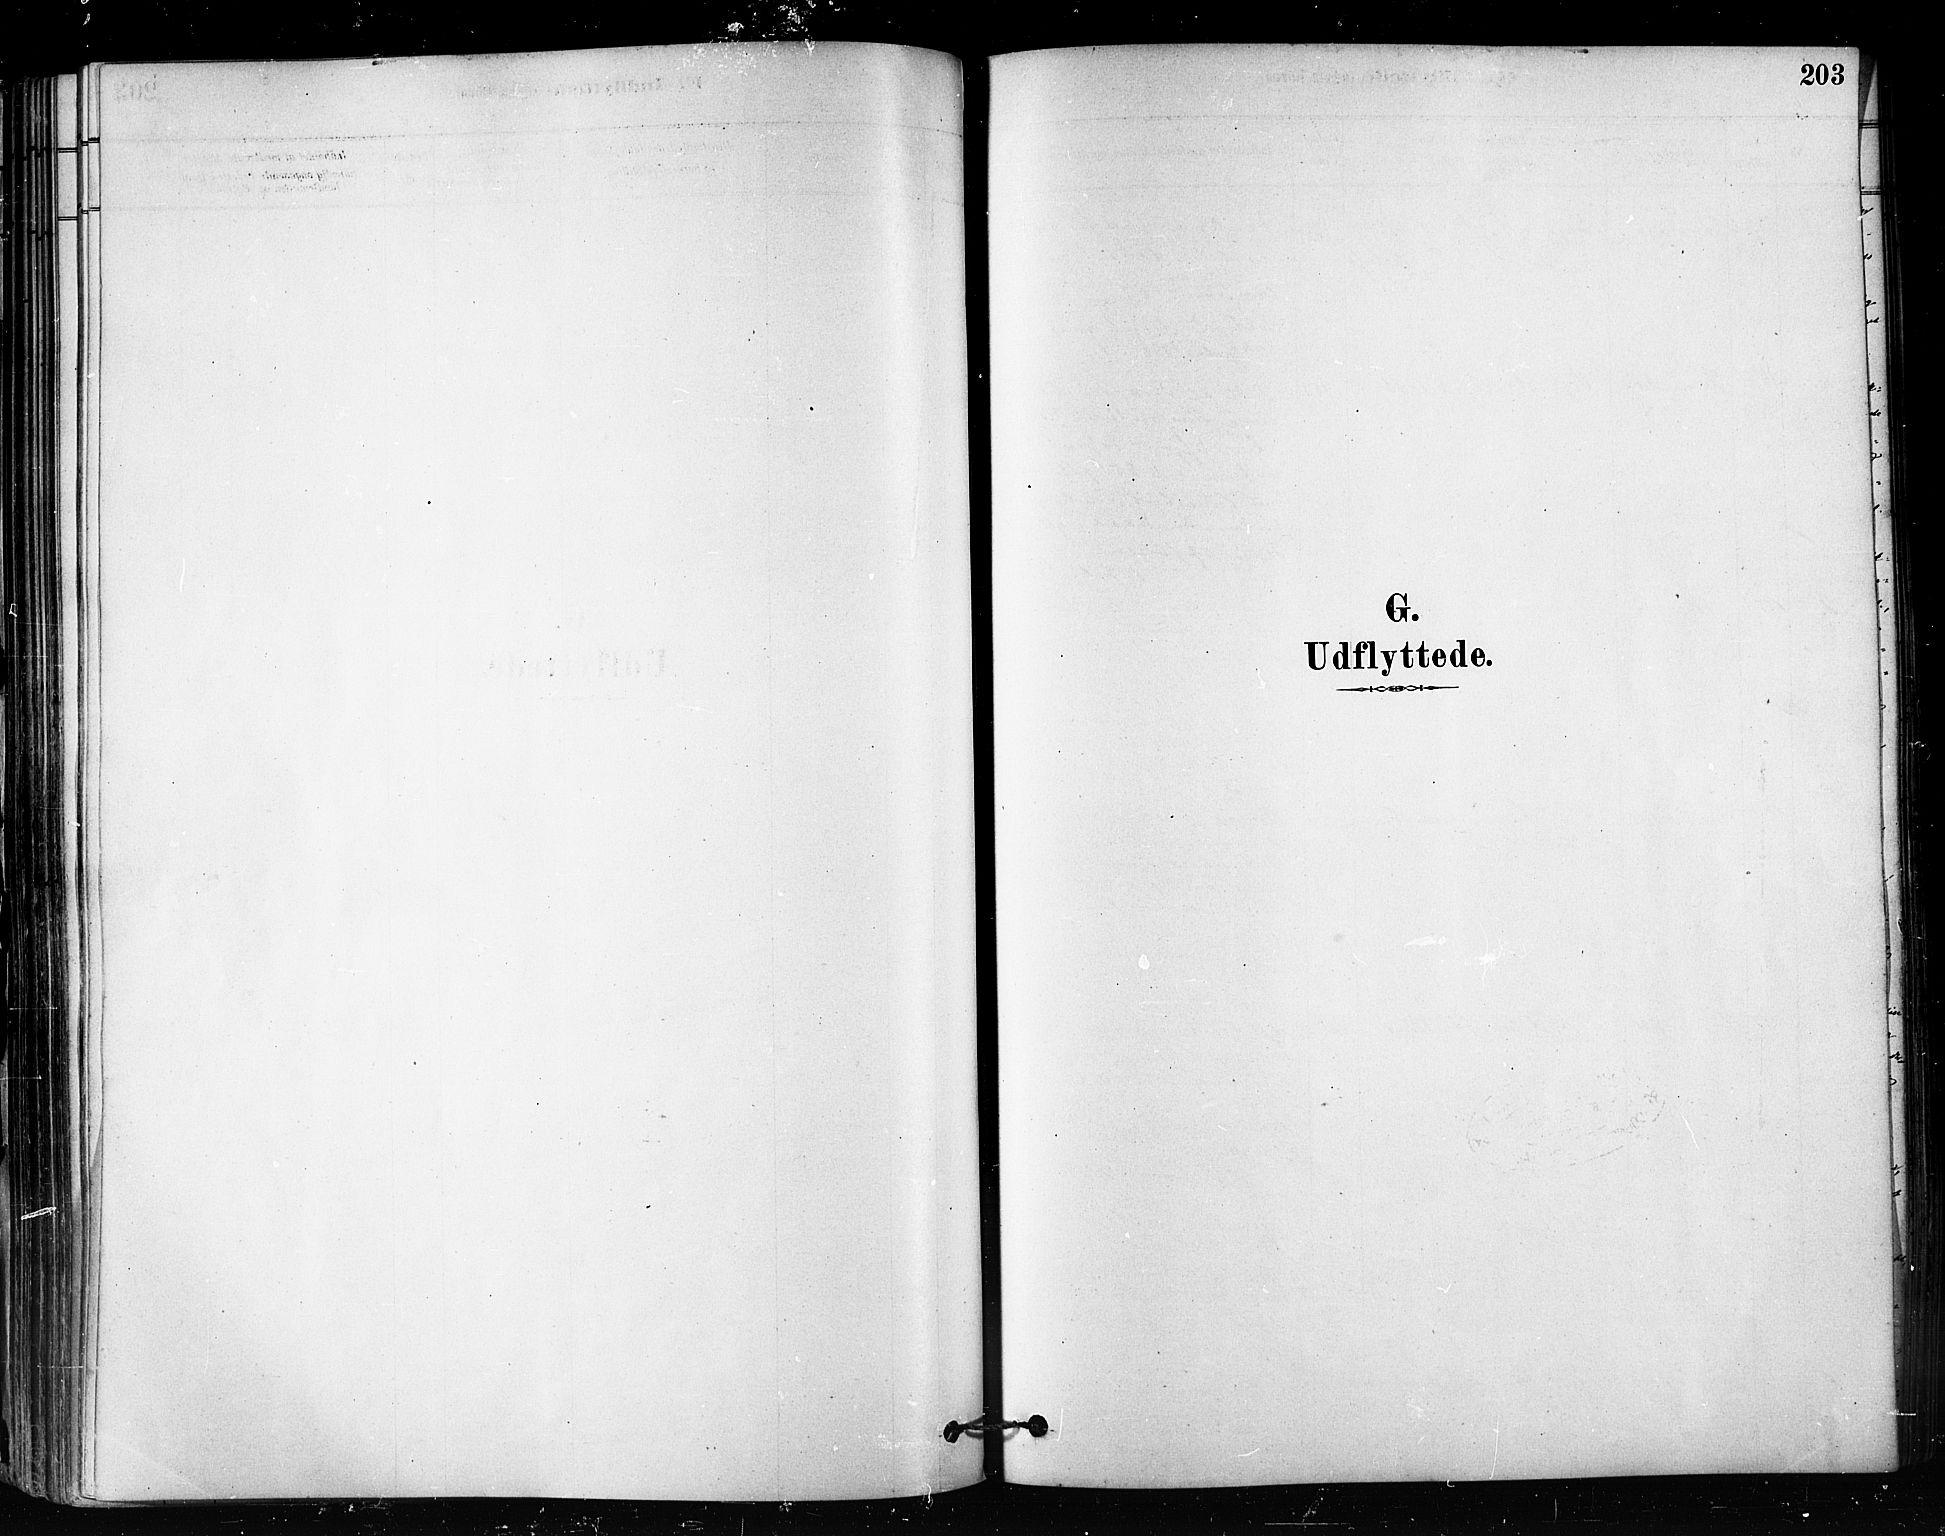 SATØ, Talvik sokneprestkontor, H/Ha/L0012kirke: Parish register (official) no. 12, 1878-1886, p. 203